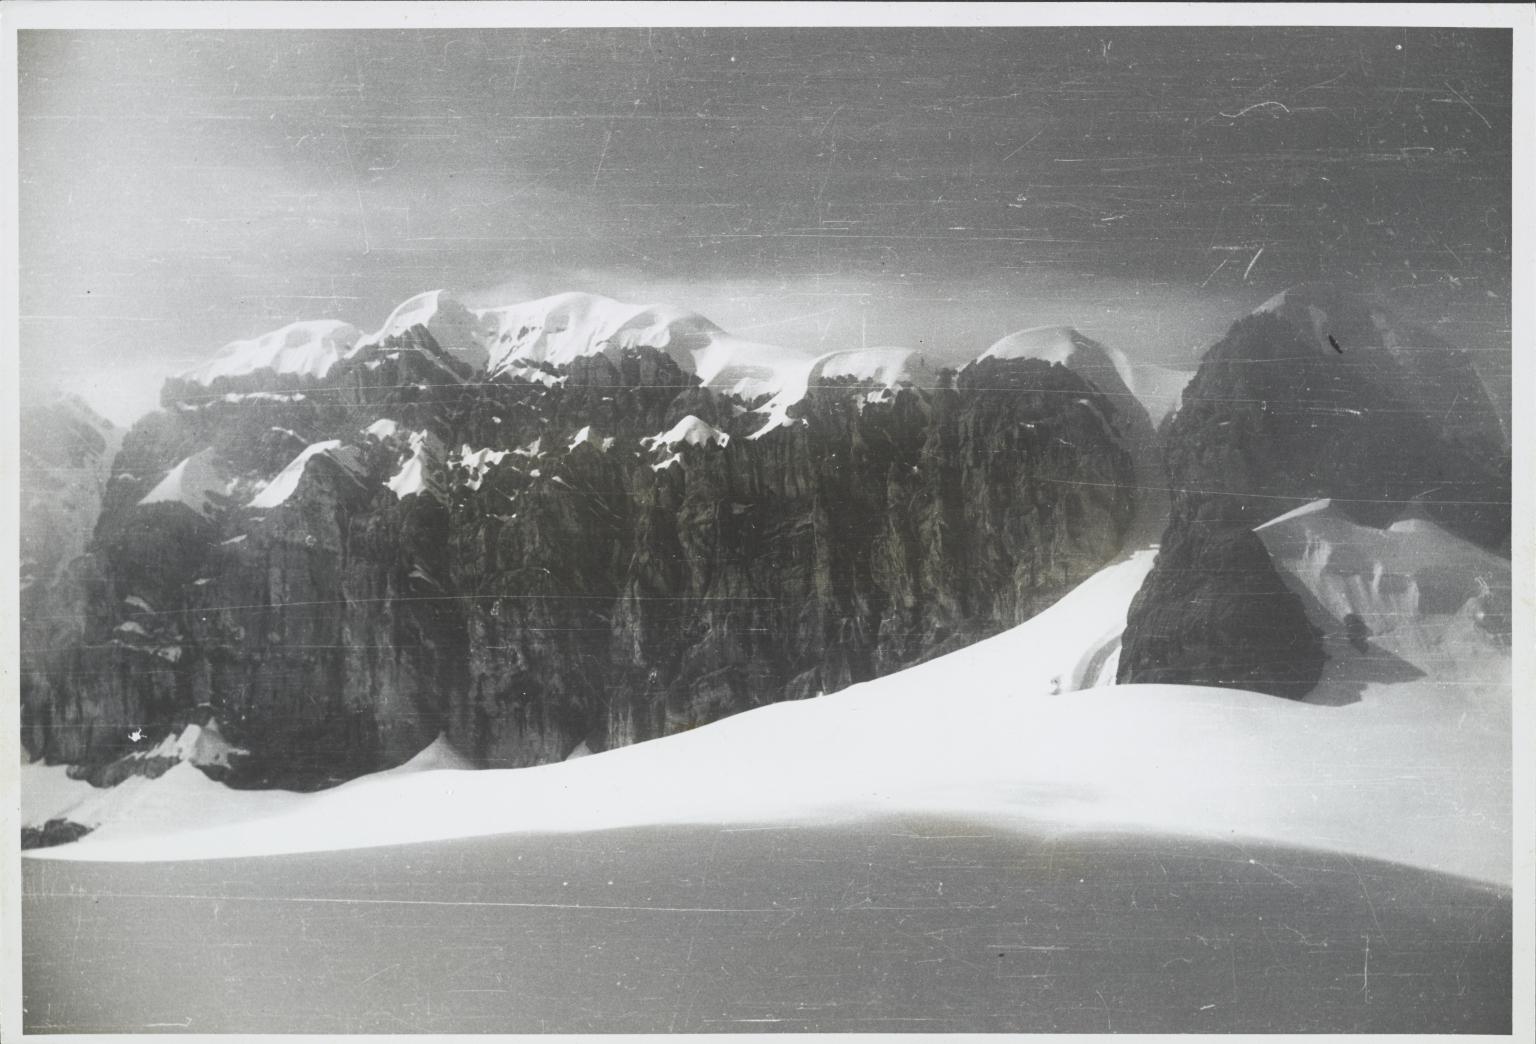 Middenkam between Carstensz and Meren Glaciers, Indonesia